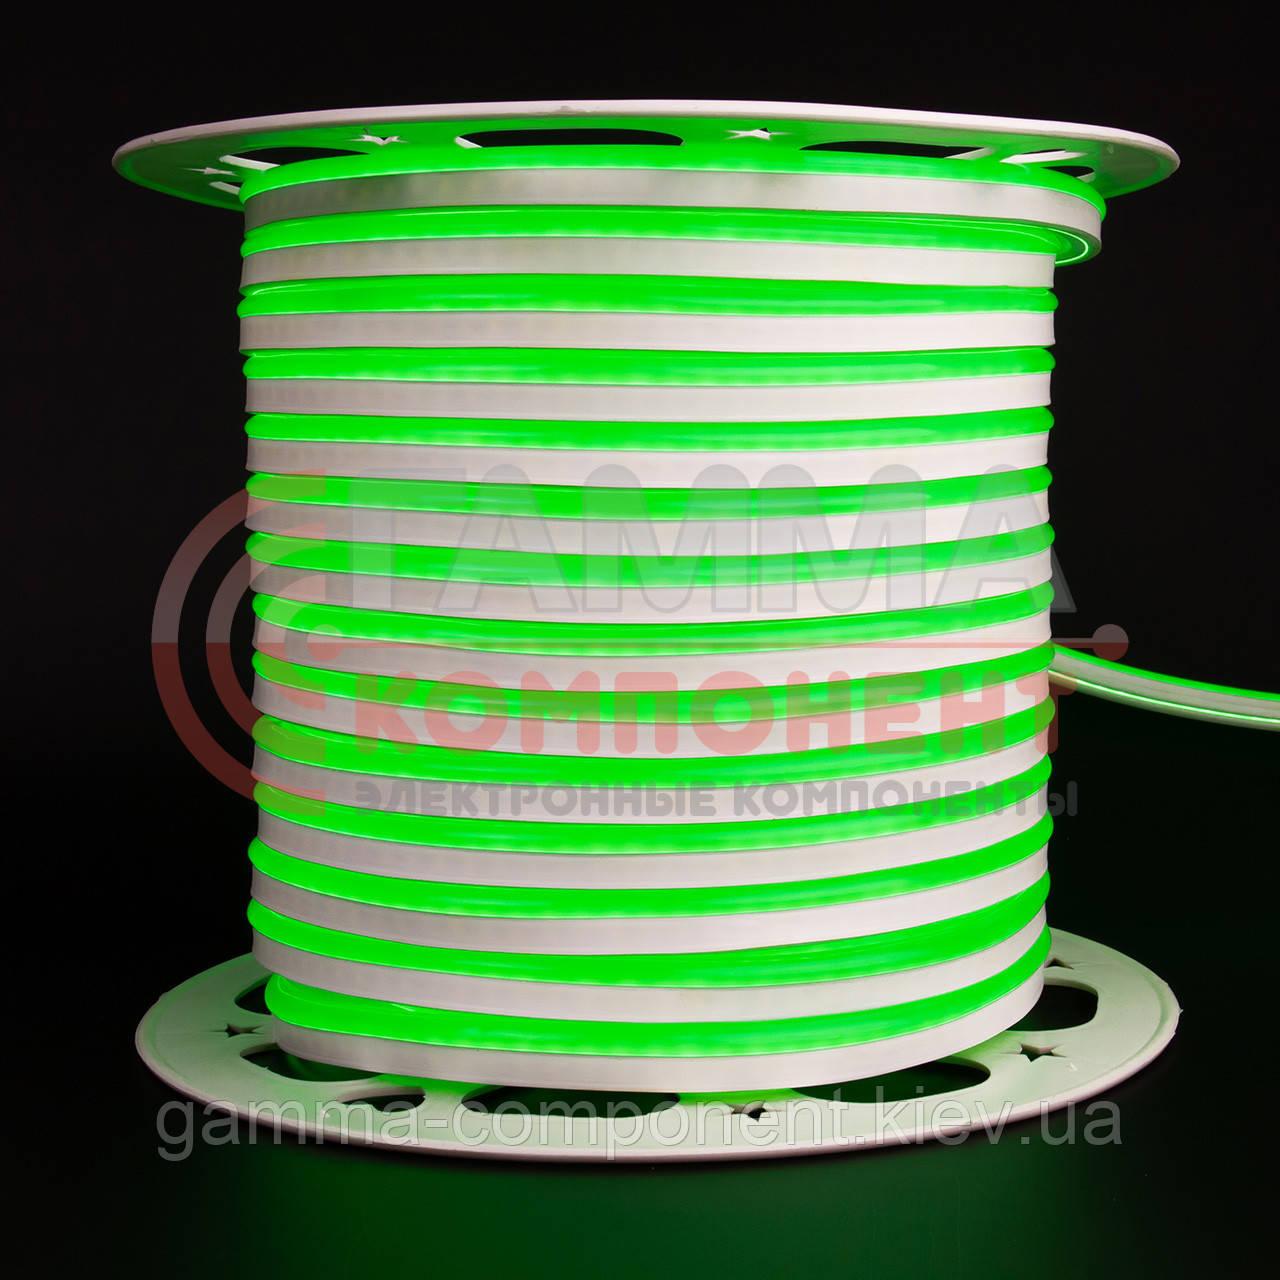 Светодиодный неон 220В зеленый AVT smd 2835-120 лед/м 7Вт/м, герметичный. Бухта 50 метров.